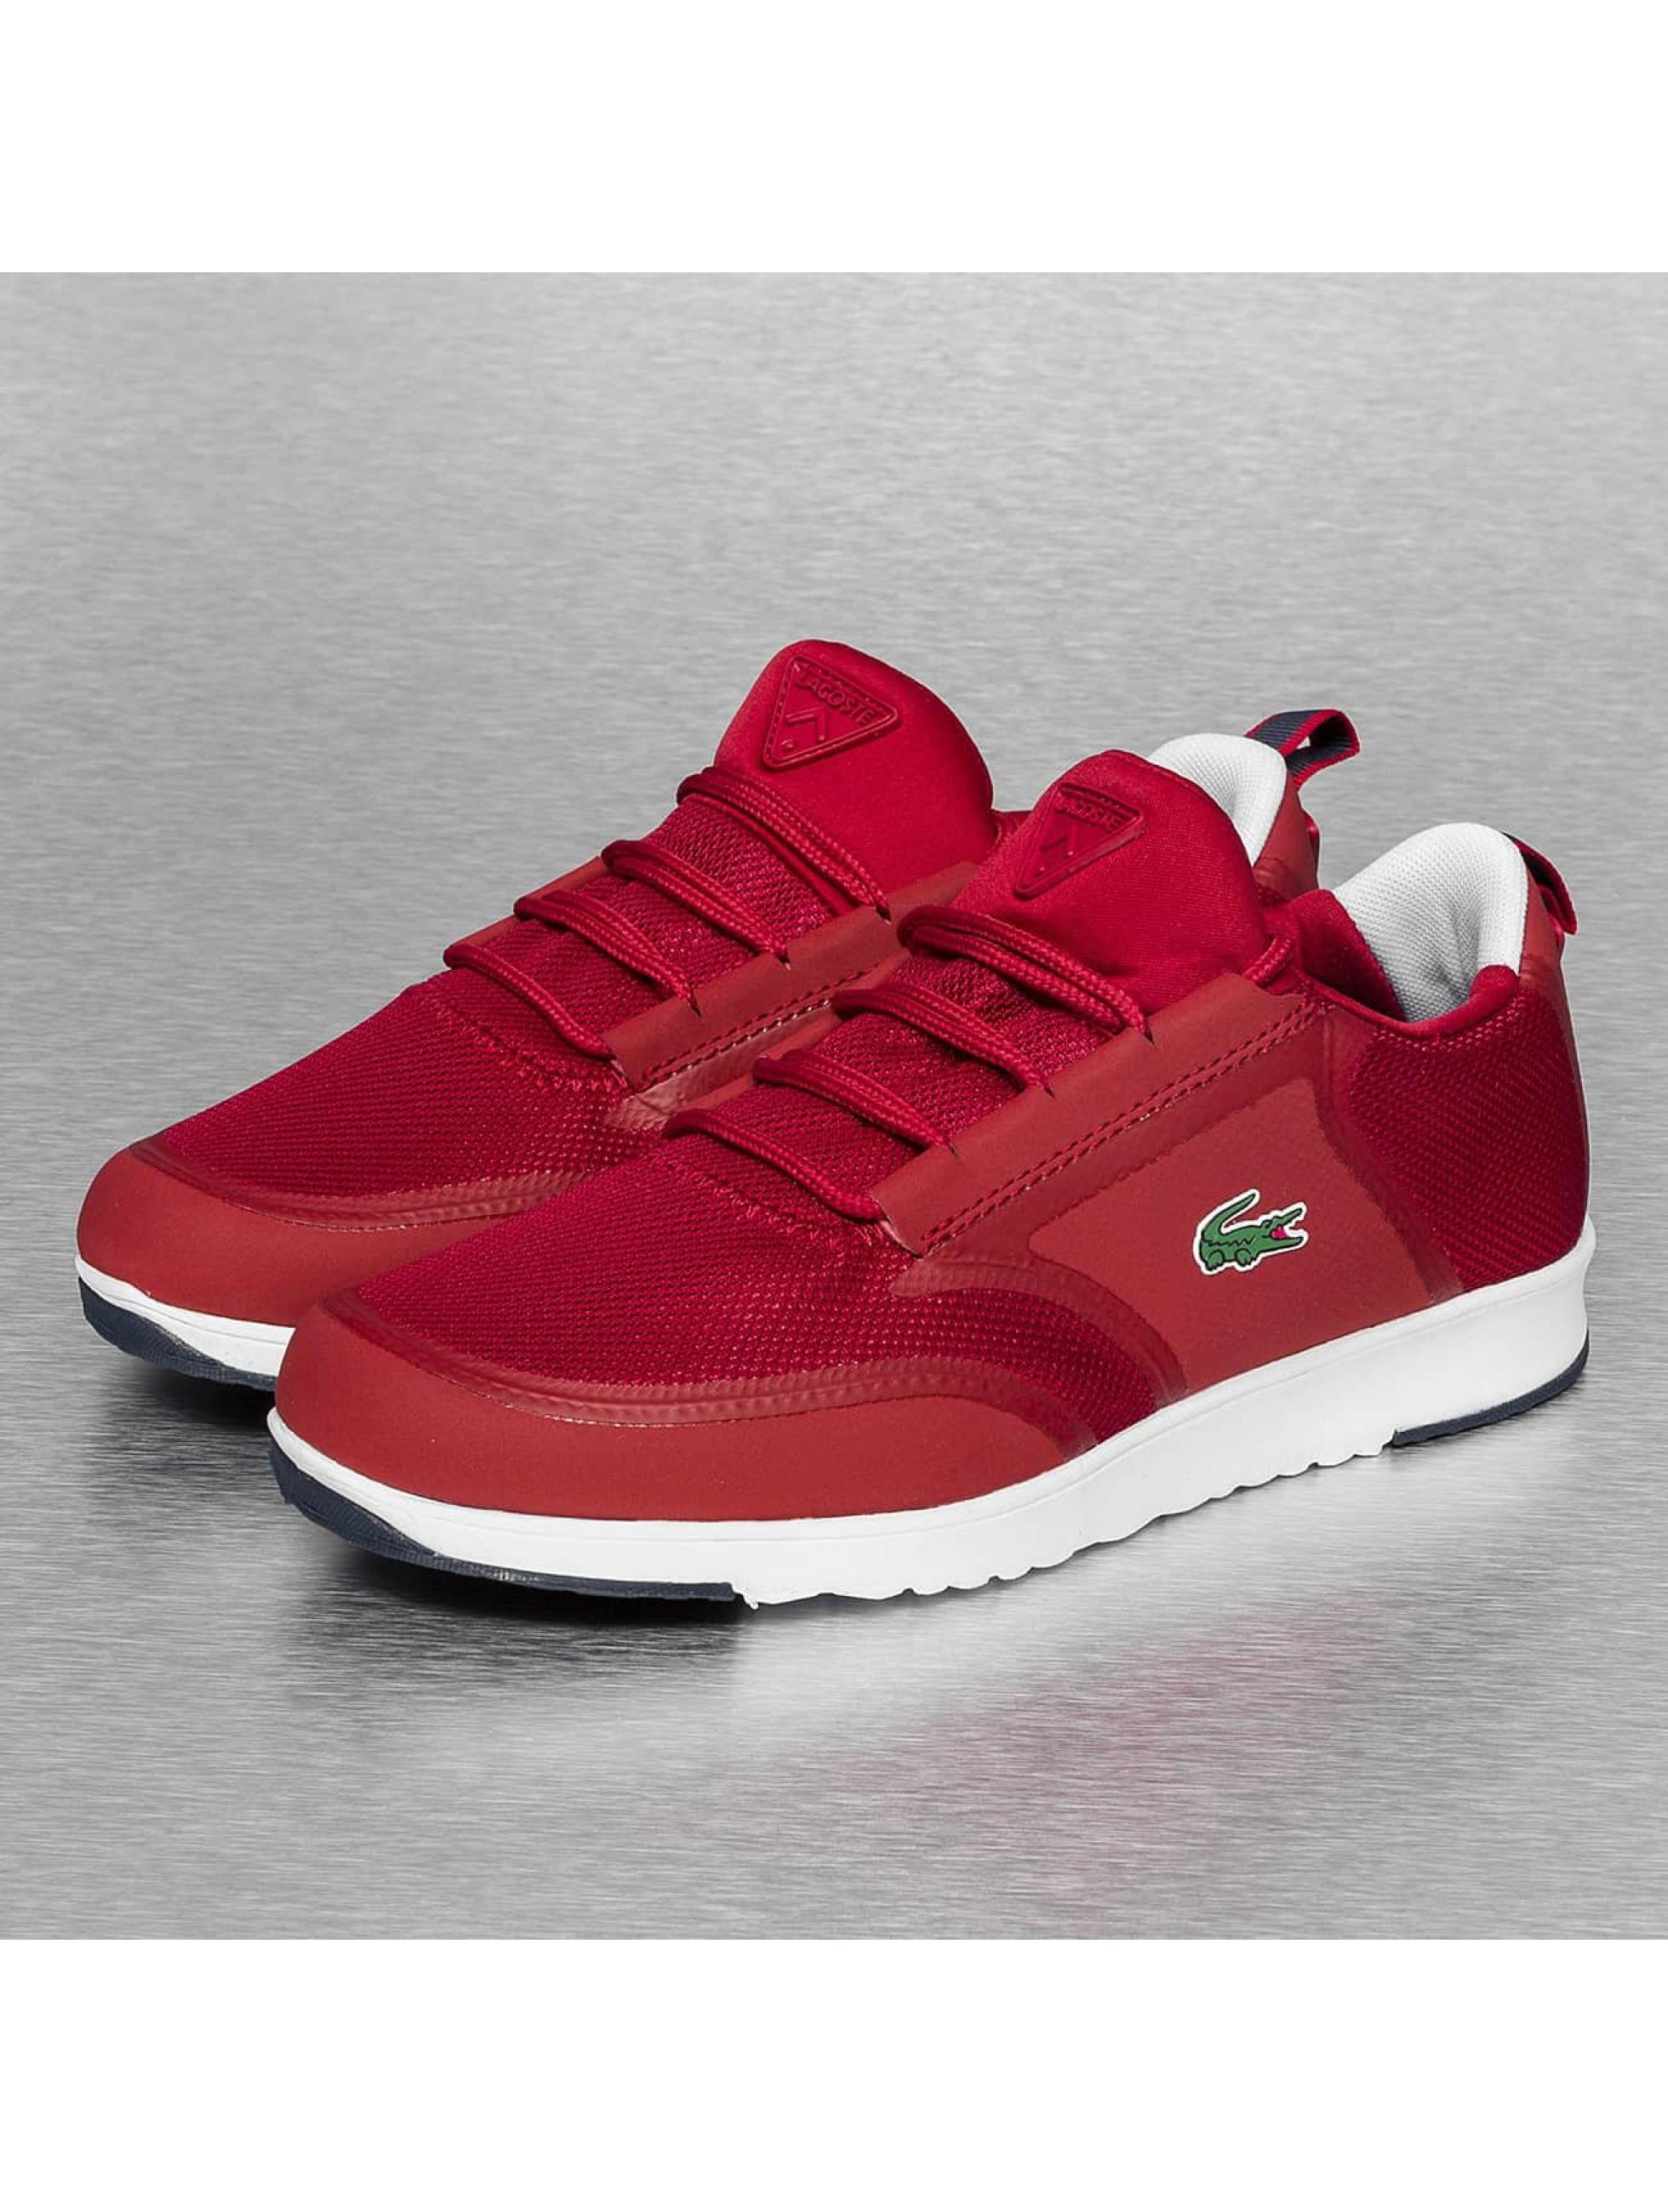 8021835d4a chaussure lacoste rouge,Le Plus Chaud Rouge Noir Homme Lacoste L ...